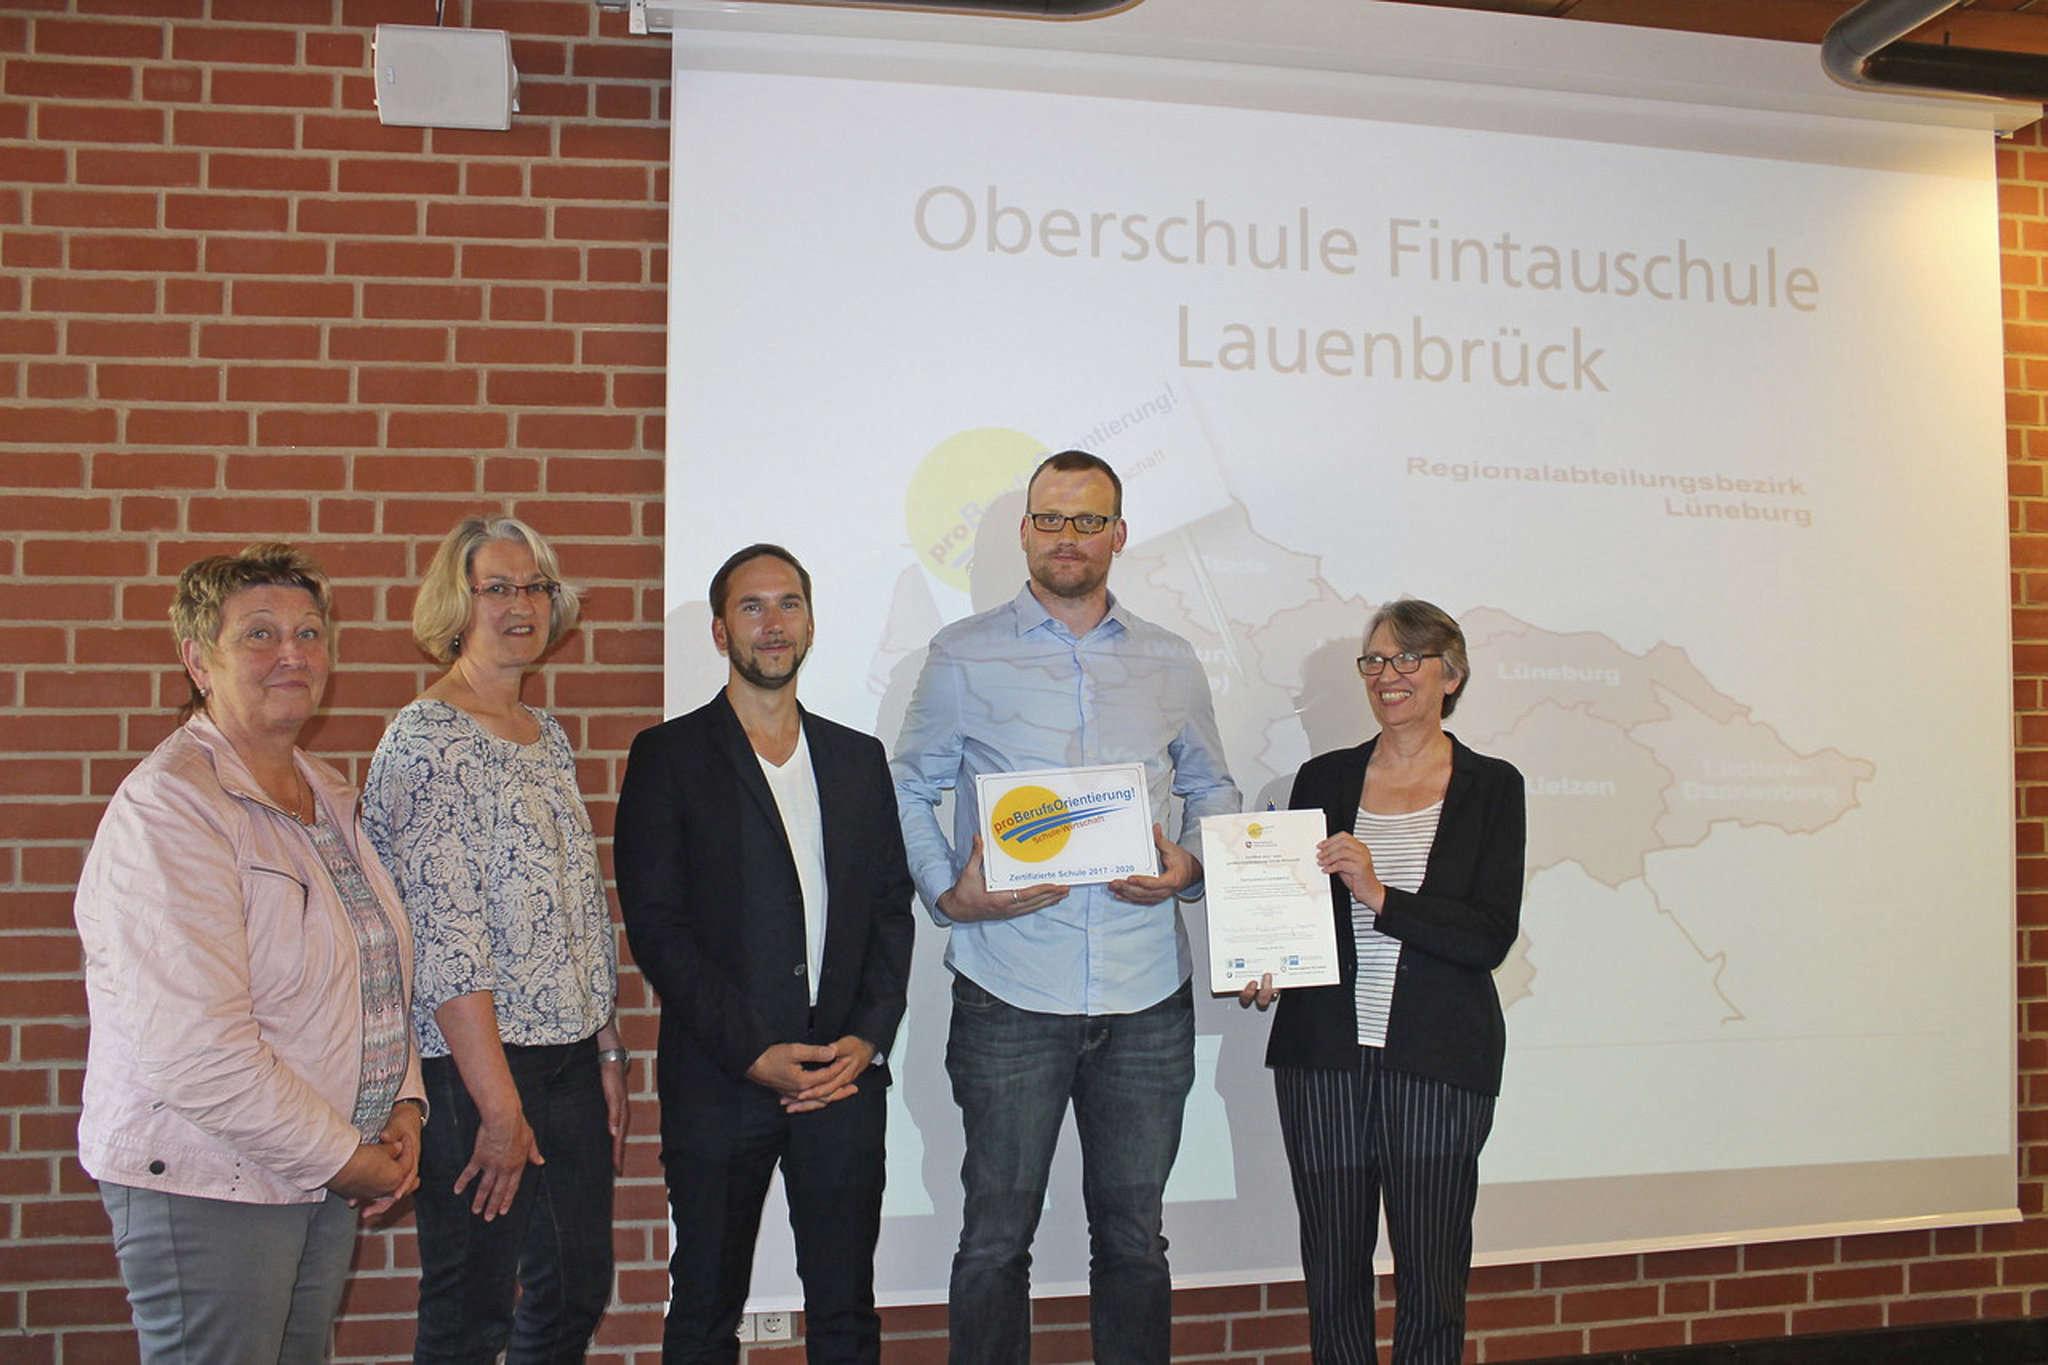 Monika Behrens, Heidrun von Wieding, Manfred Busch, Simon Hermsdorf und Elke Starostzik (von links) freuten sich sehr über die Auszeichnung, die der Fintauschule überreicht wurde.